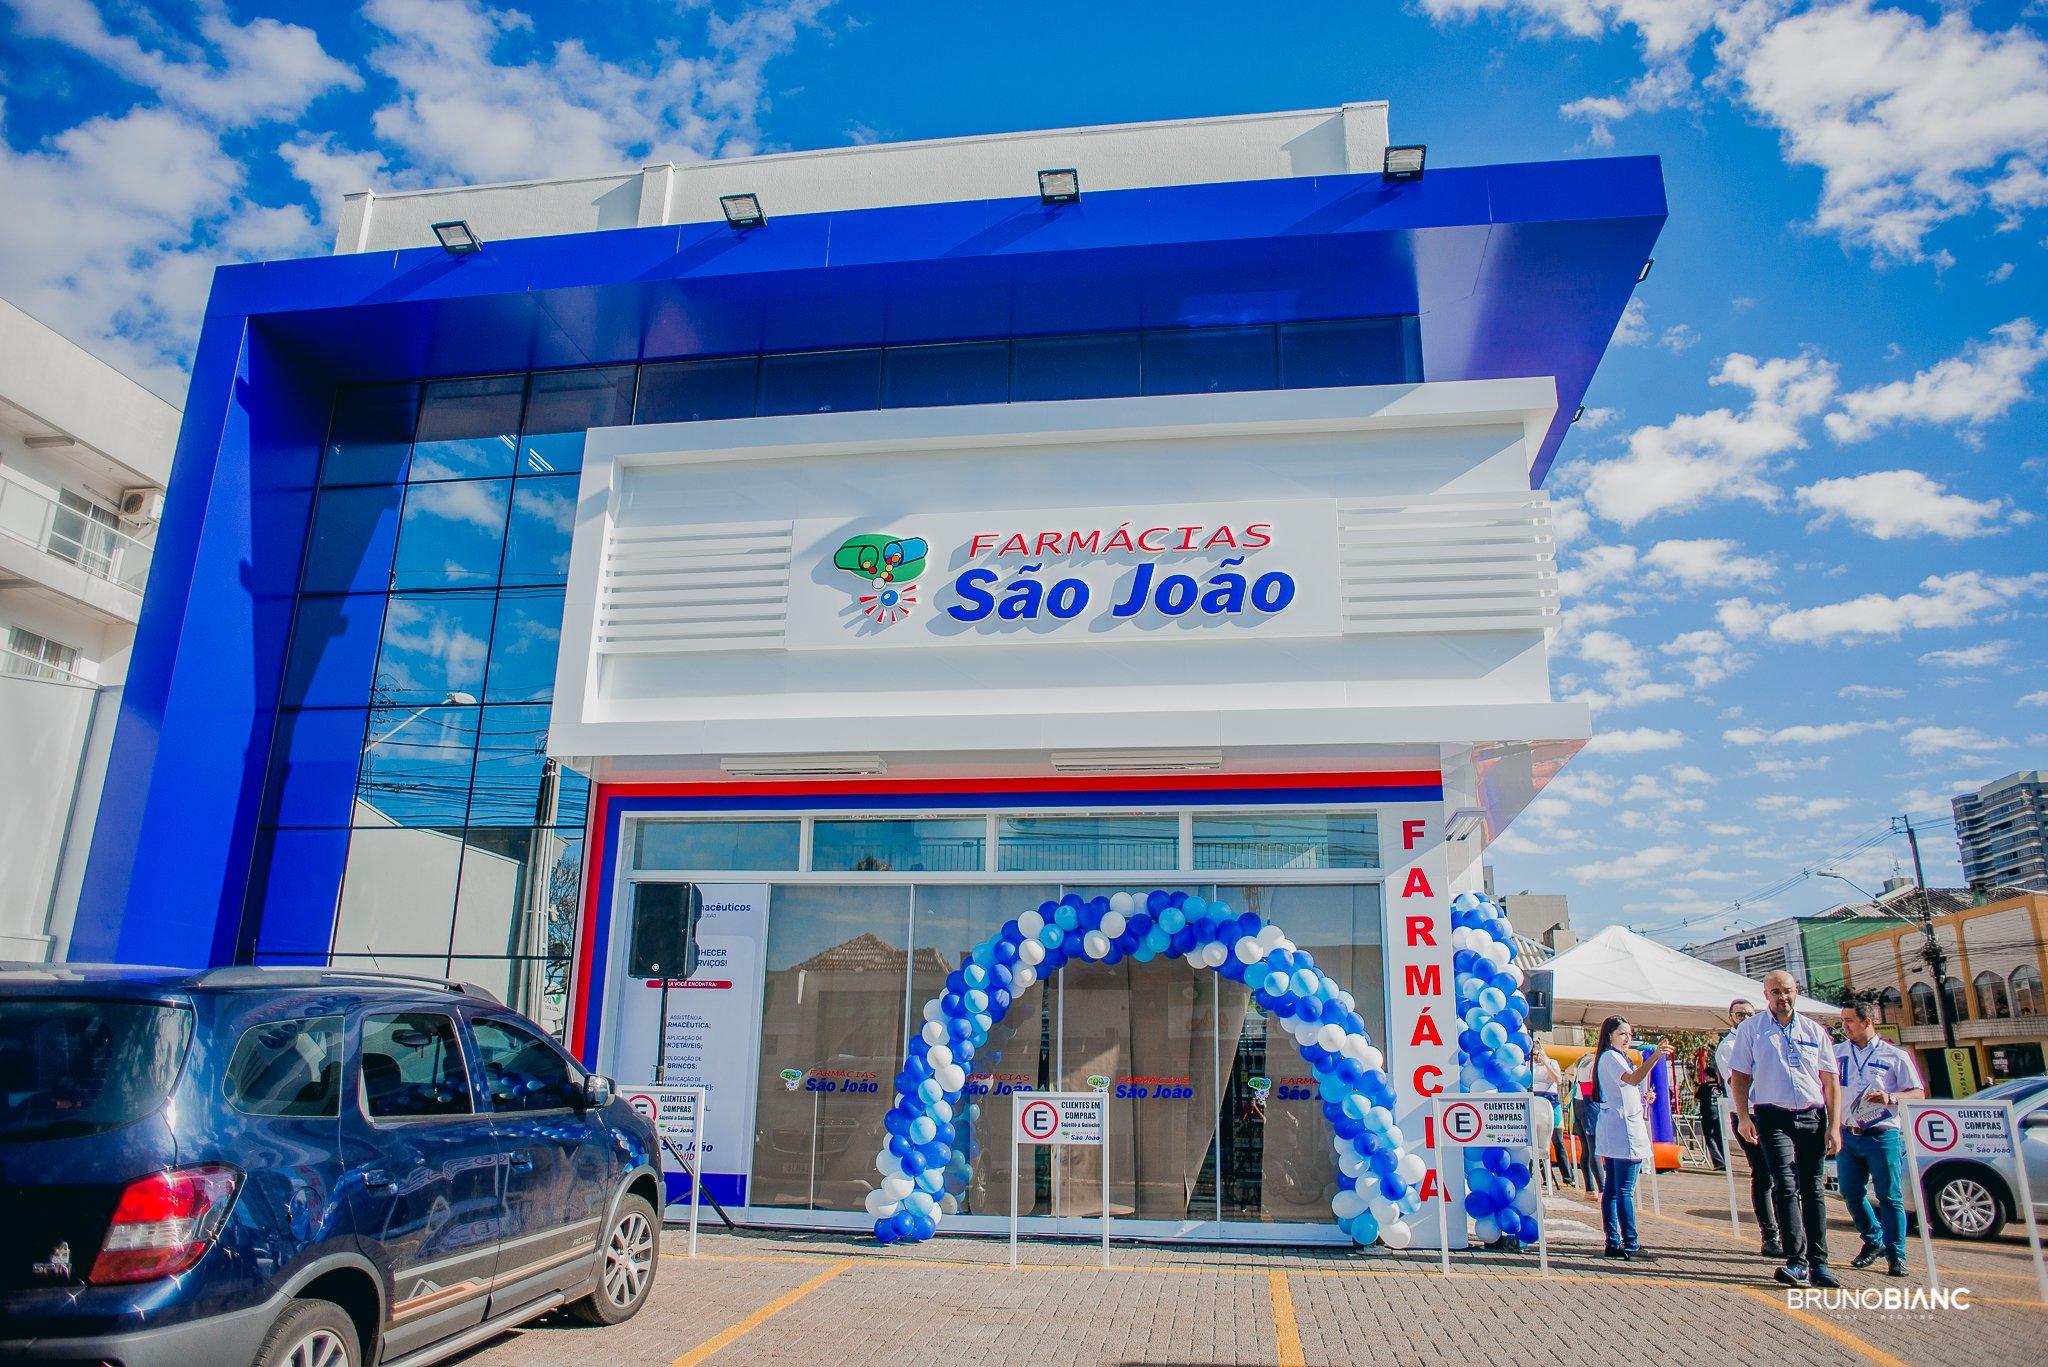 Farmácia São João